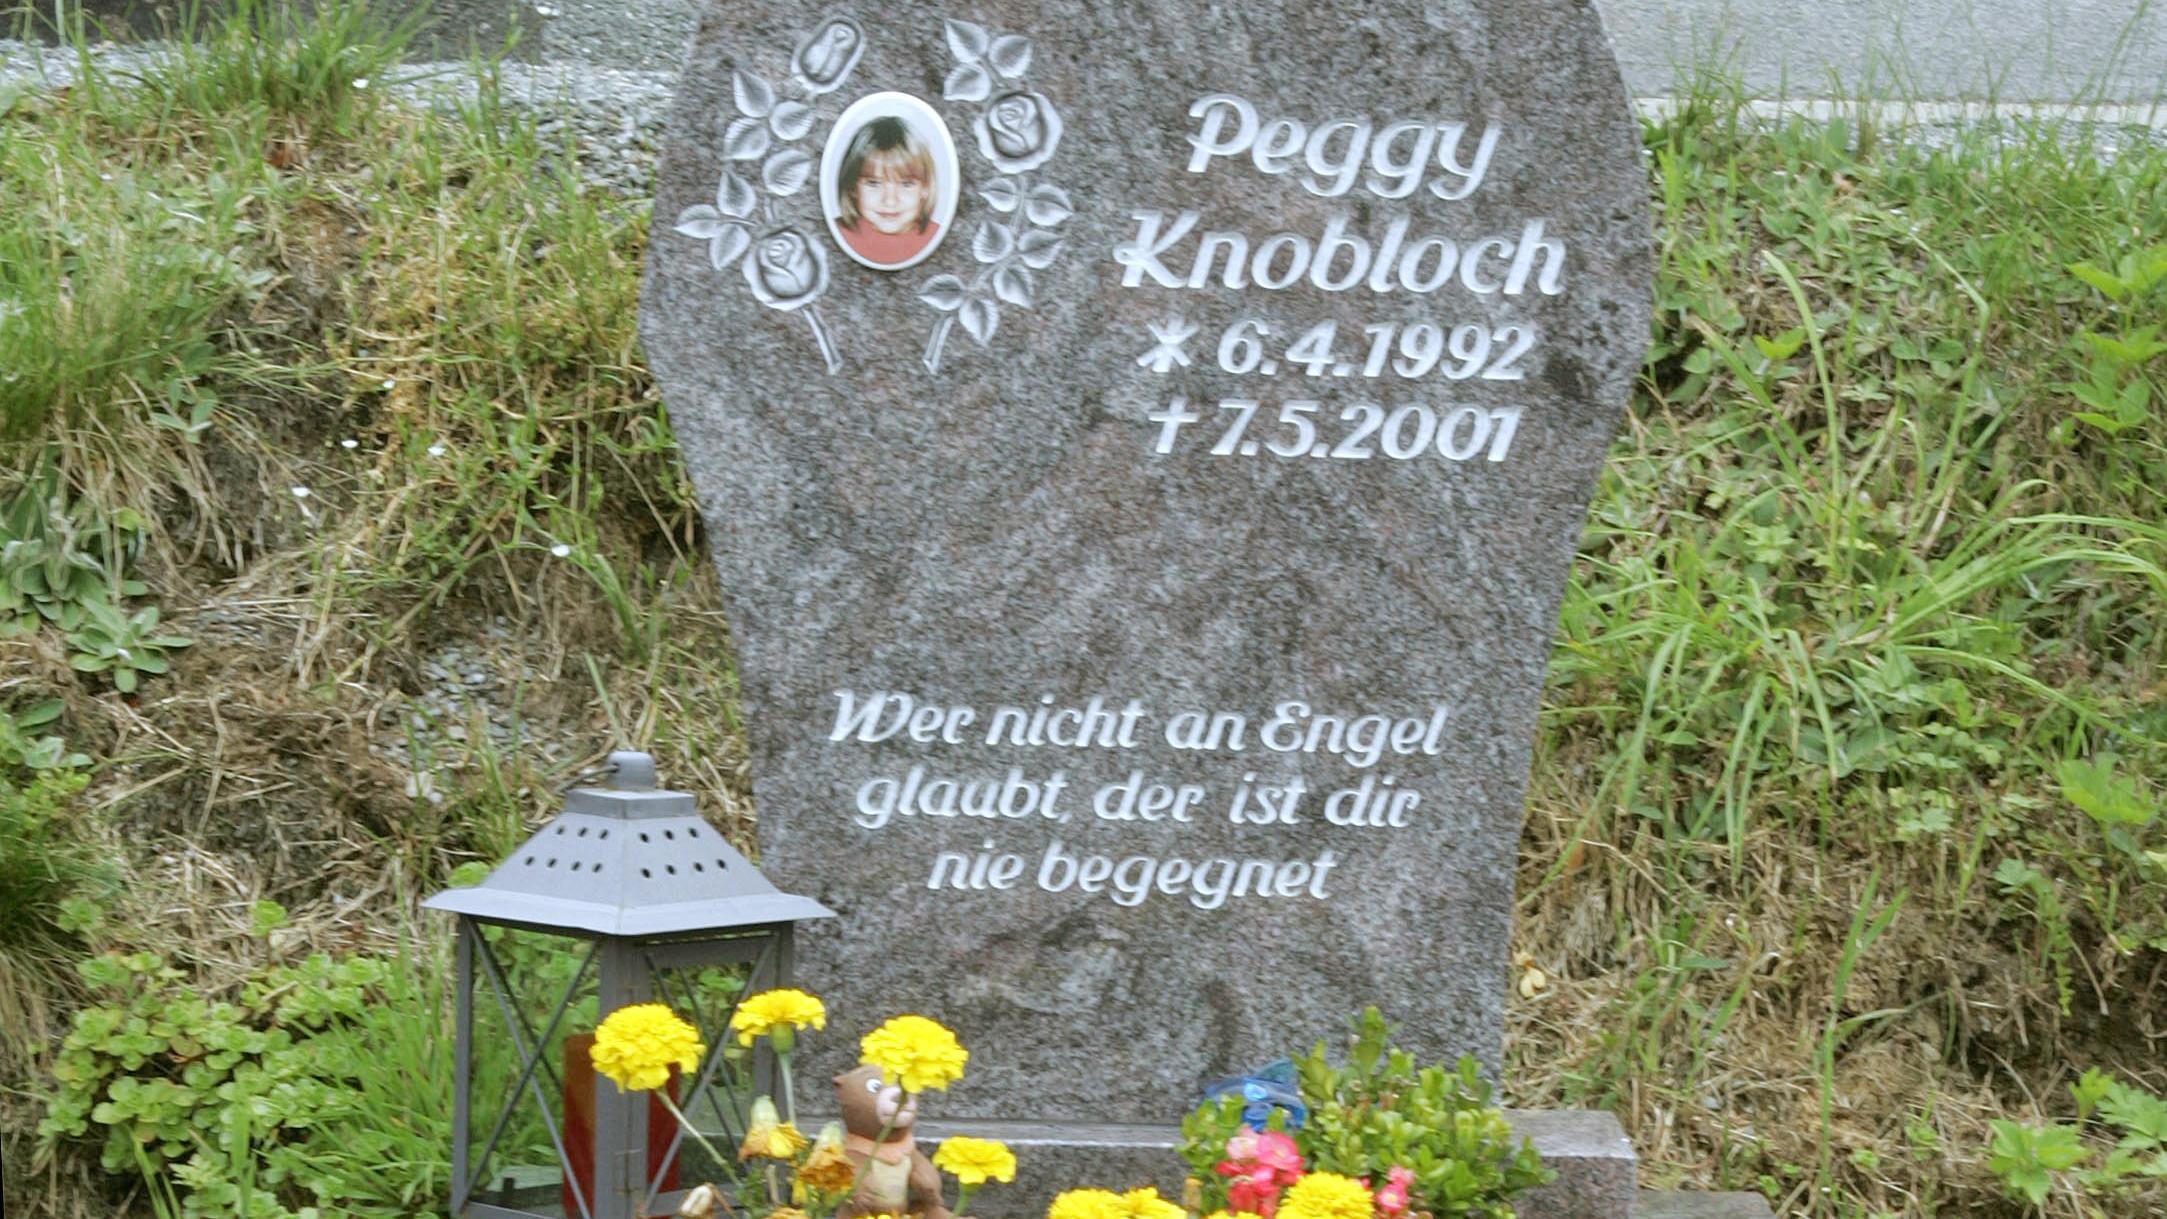 Auf einem Friedhof steht der Grabstein der damals 9-jährigen Peggy